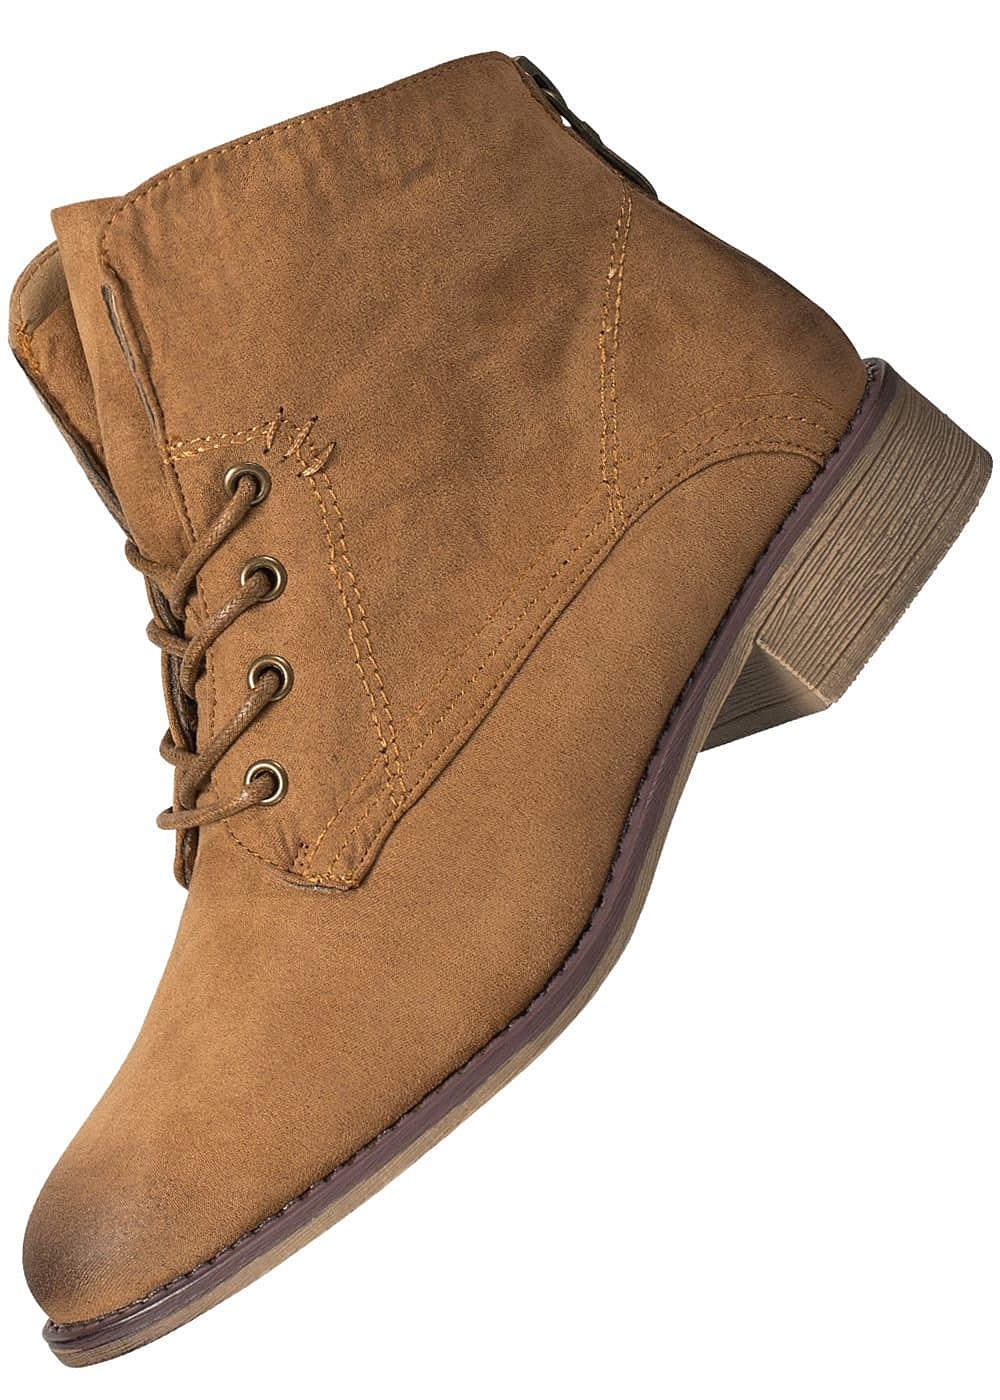 afff190a12380b Hailys Damen Schnür Boots Kunstleder Zipper hinten camel braun ...